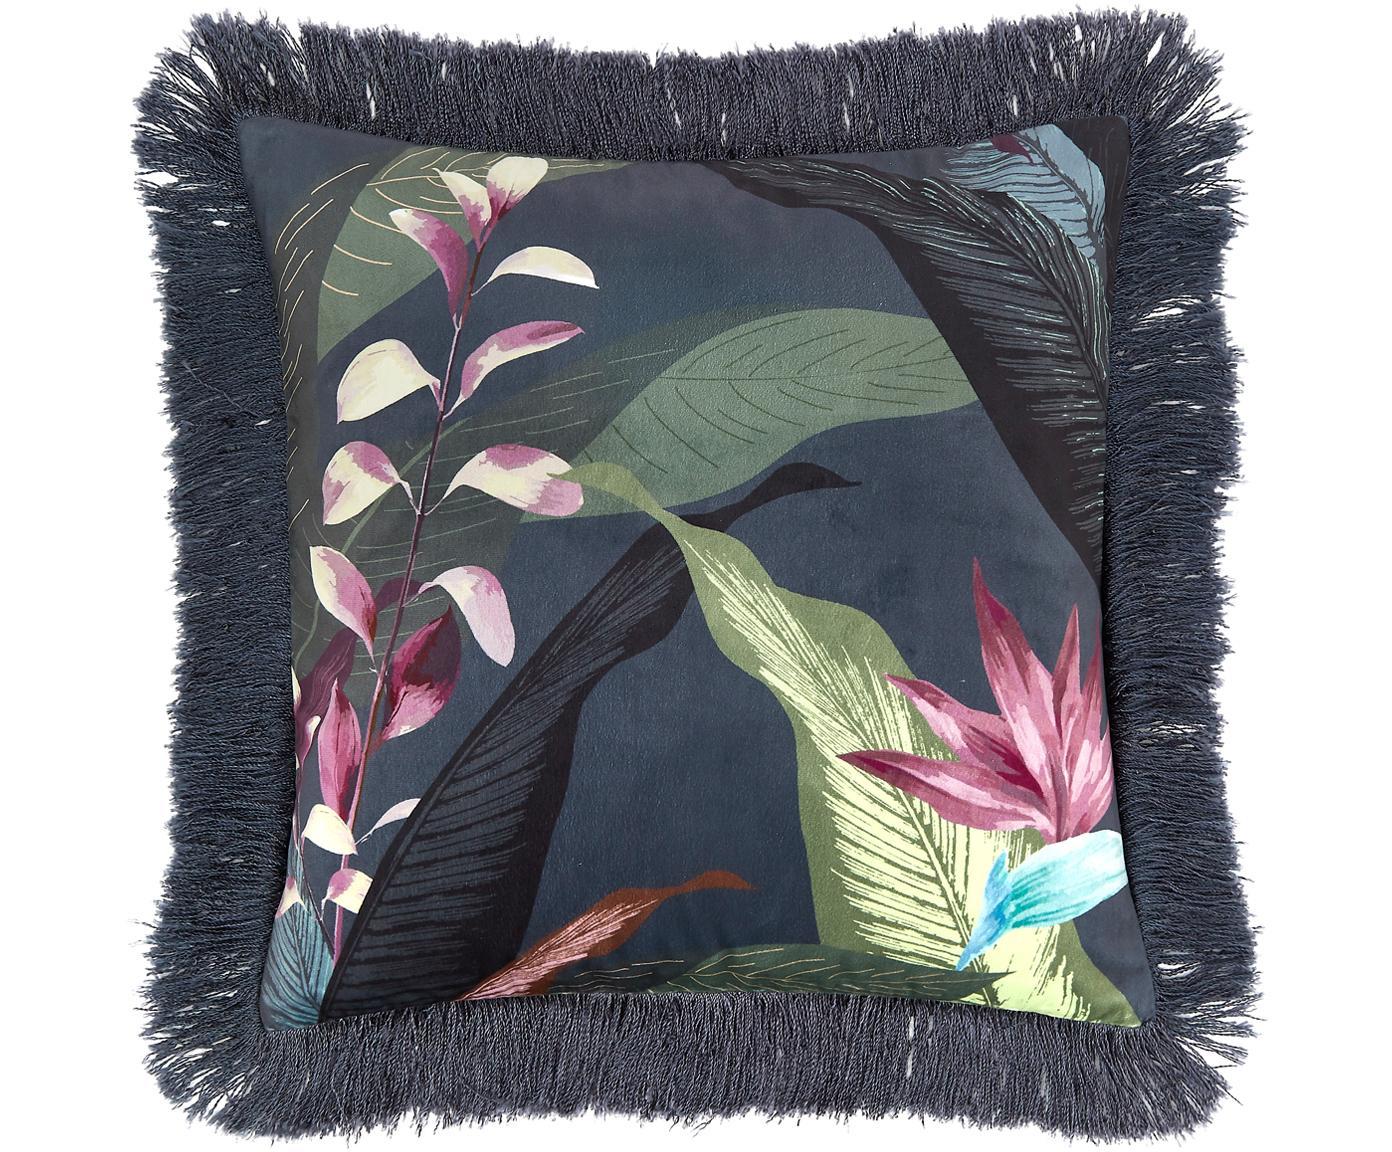 Samt-Kissenhülle Flora mit Fransen, Vorderseite: Polyestersamt, Rückseite: Baumwolle, Fransen: Viskose, MehrfarbigFransen: Dunkelgrün, 40 x 40 cm